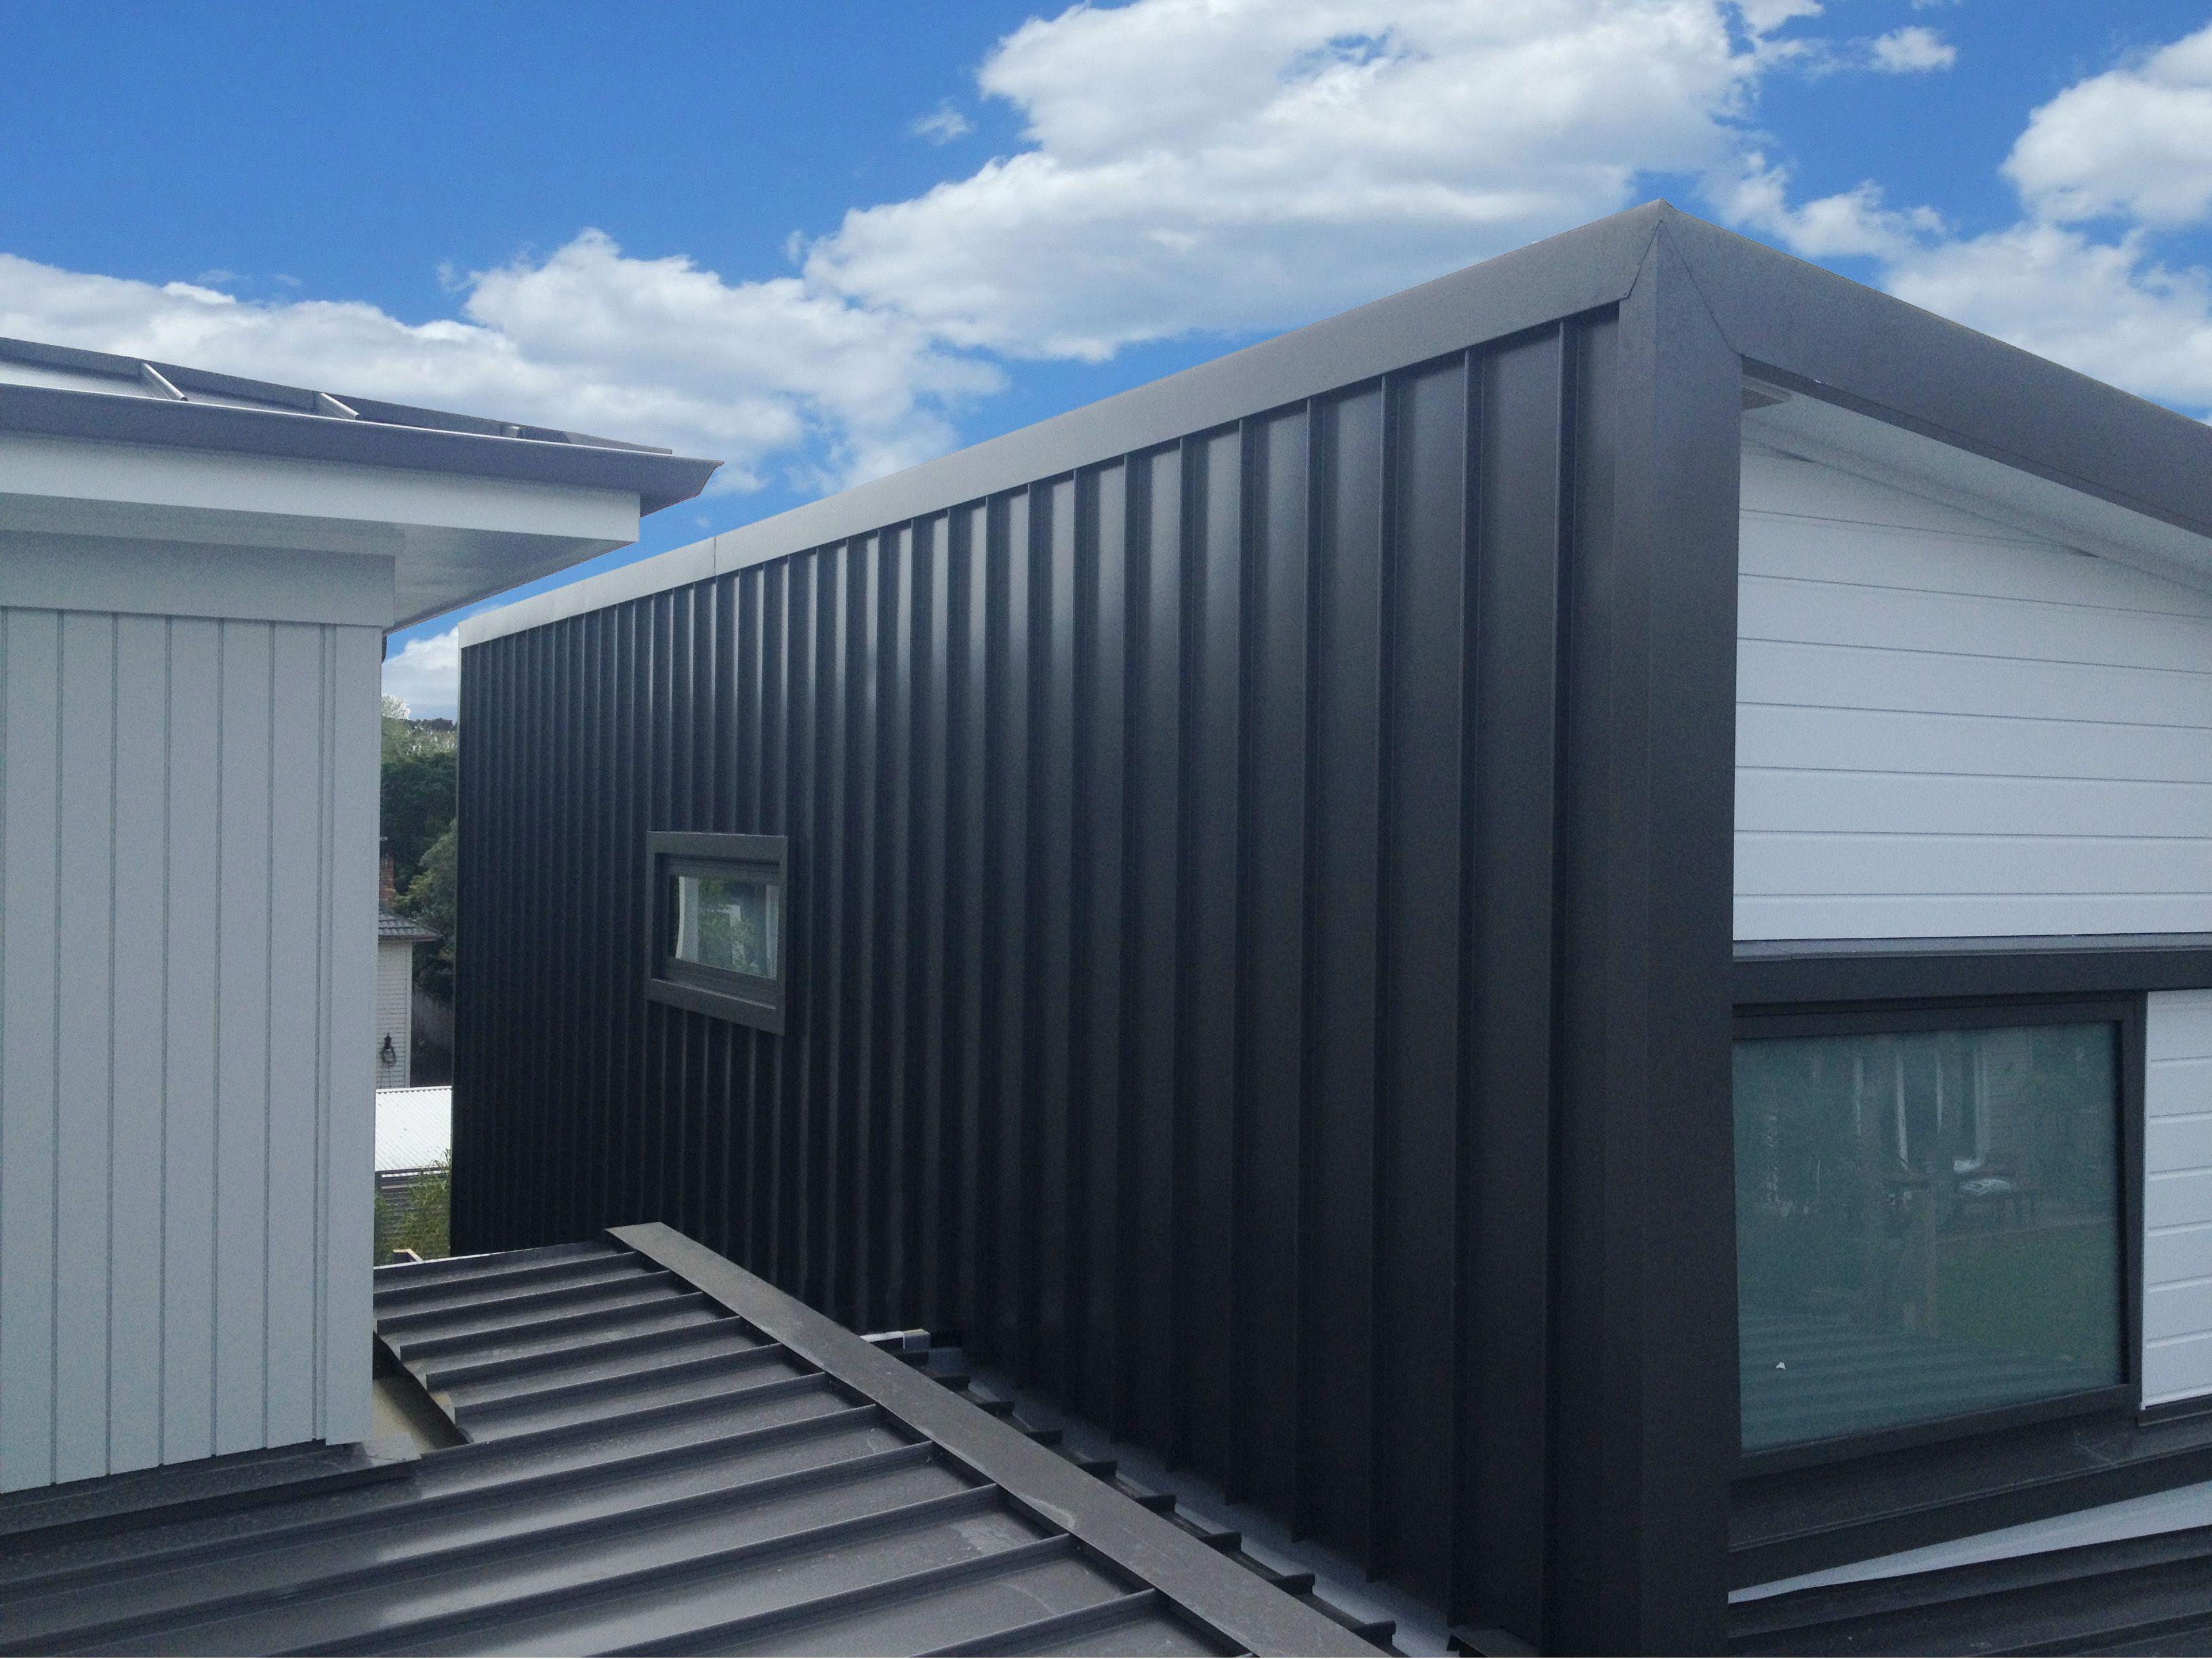 Espan Riteline Roofing Facade House Facade Design Cladding